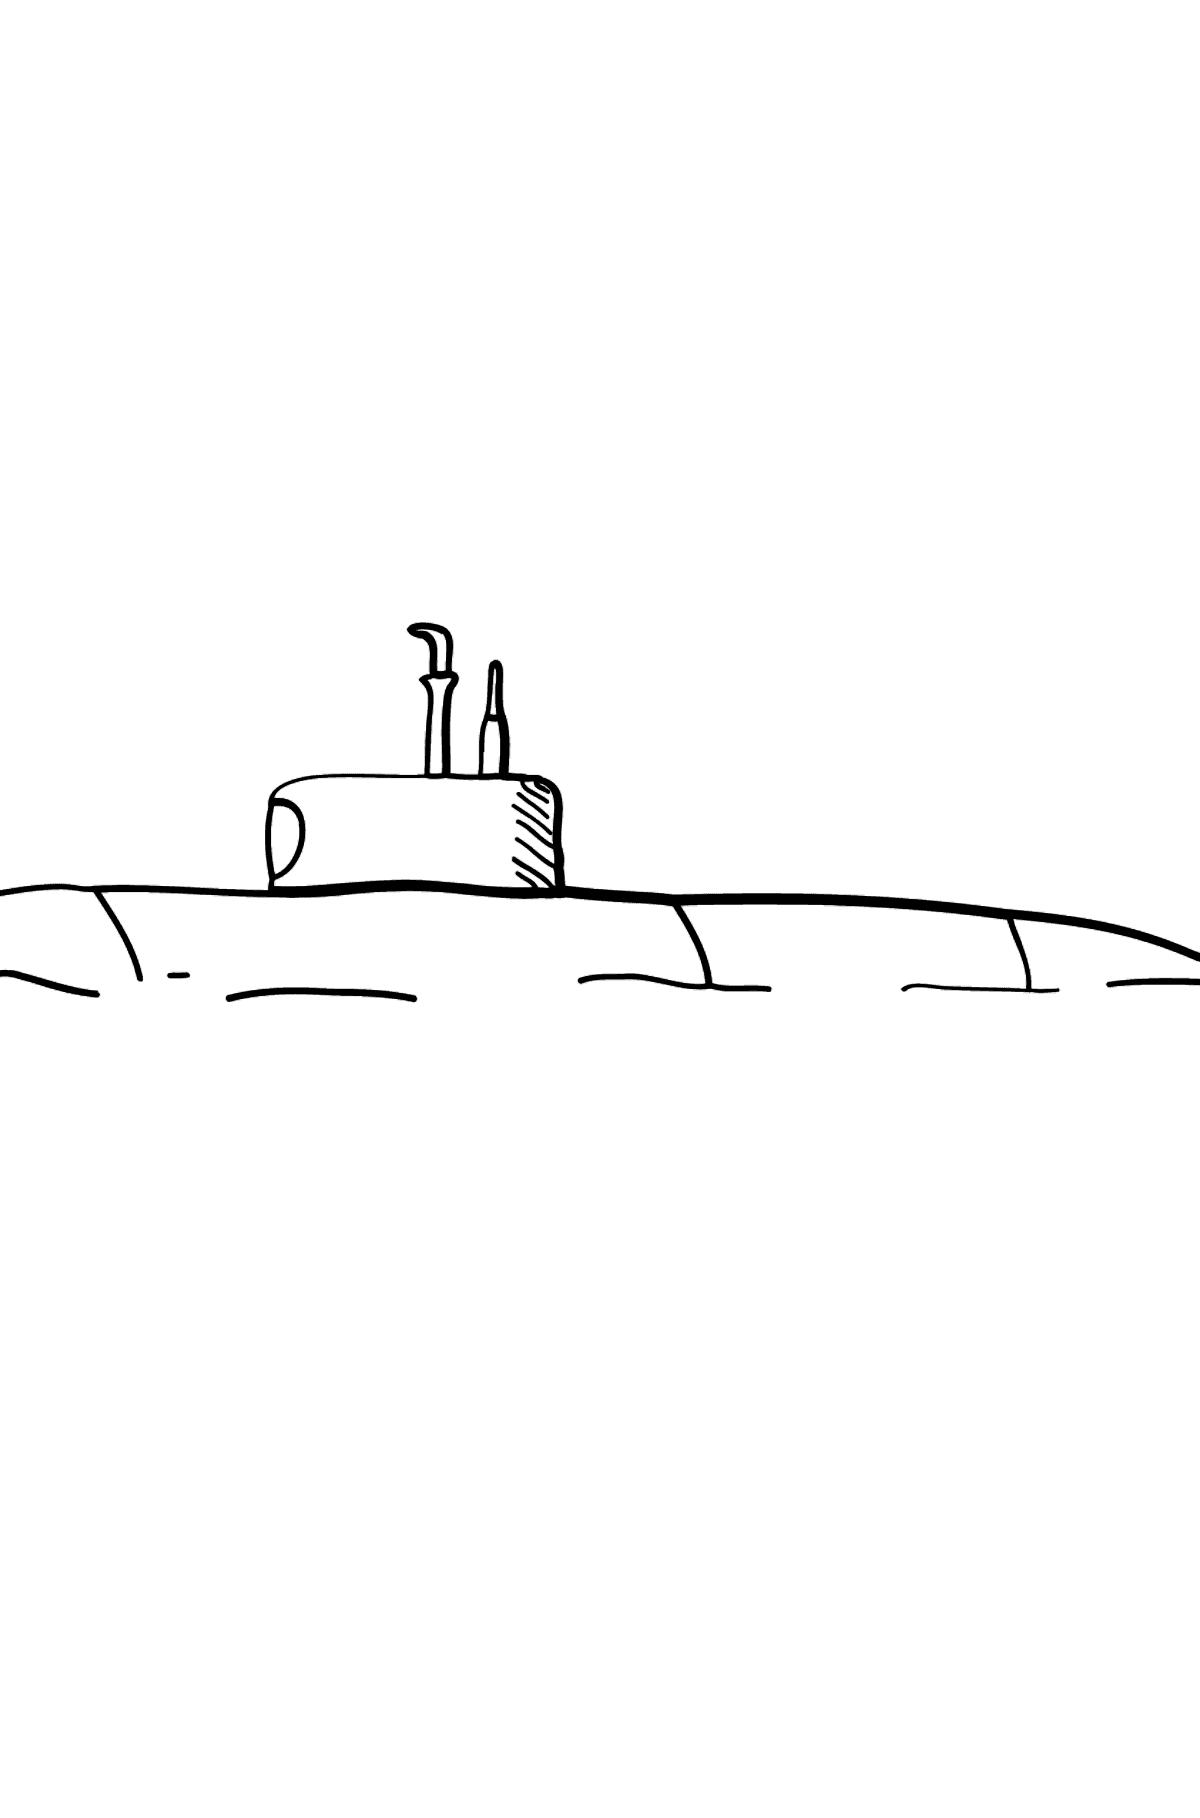 Раскраска подводная лодка - Раскраски для Детей